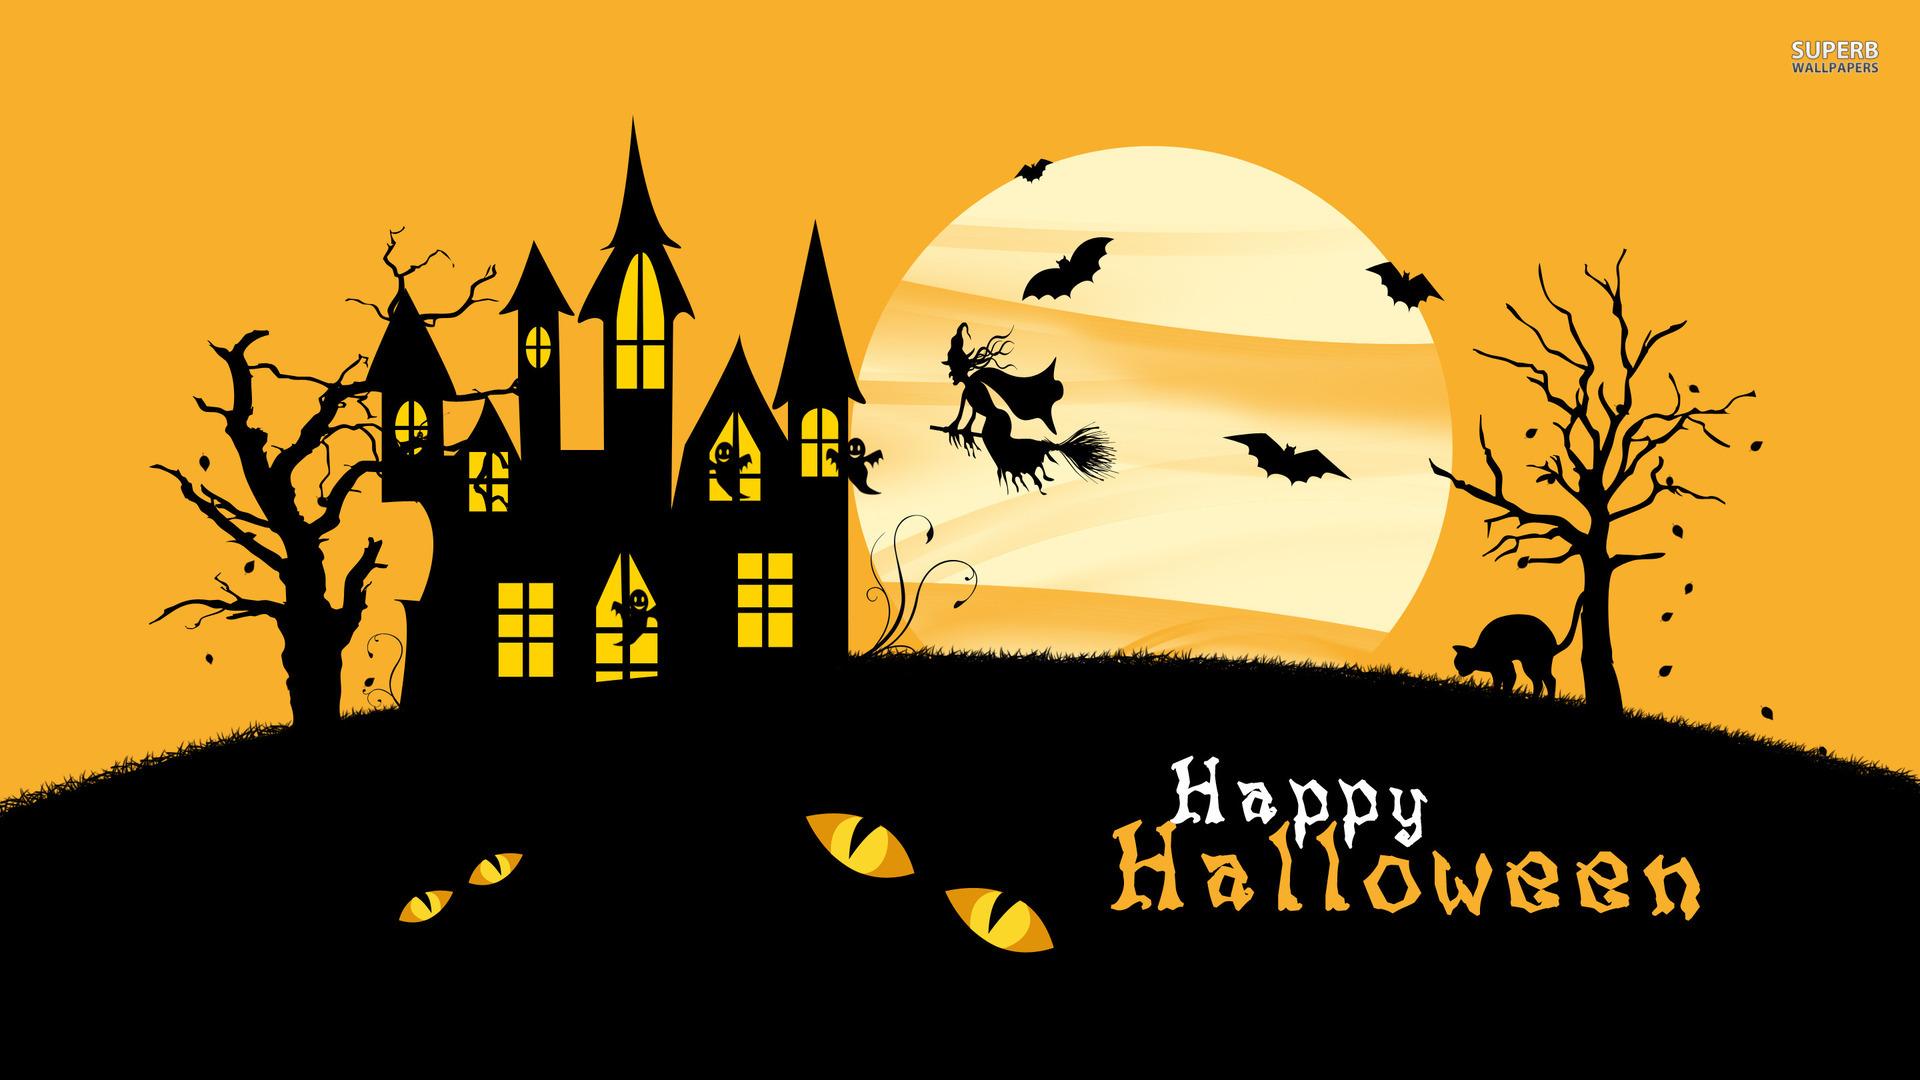 Popular Wallpaper Halloween Facebook - Happy-Halloween-hd-wallpapers  2018_543580.jpg